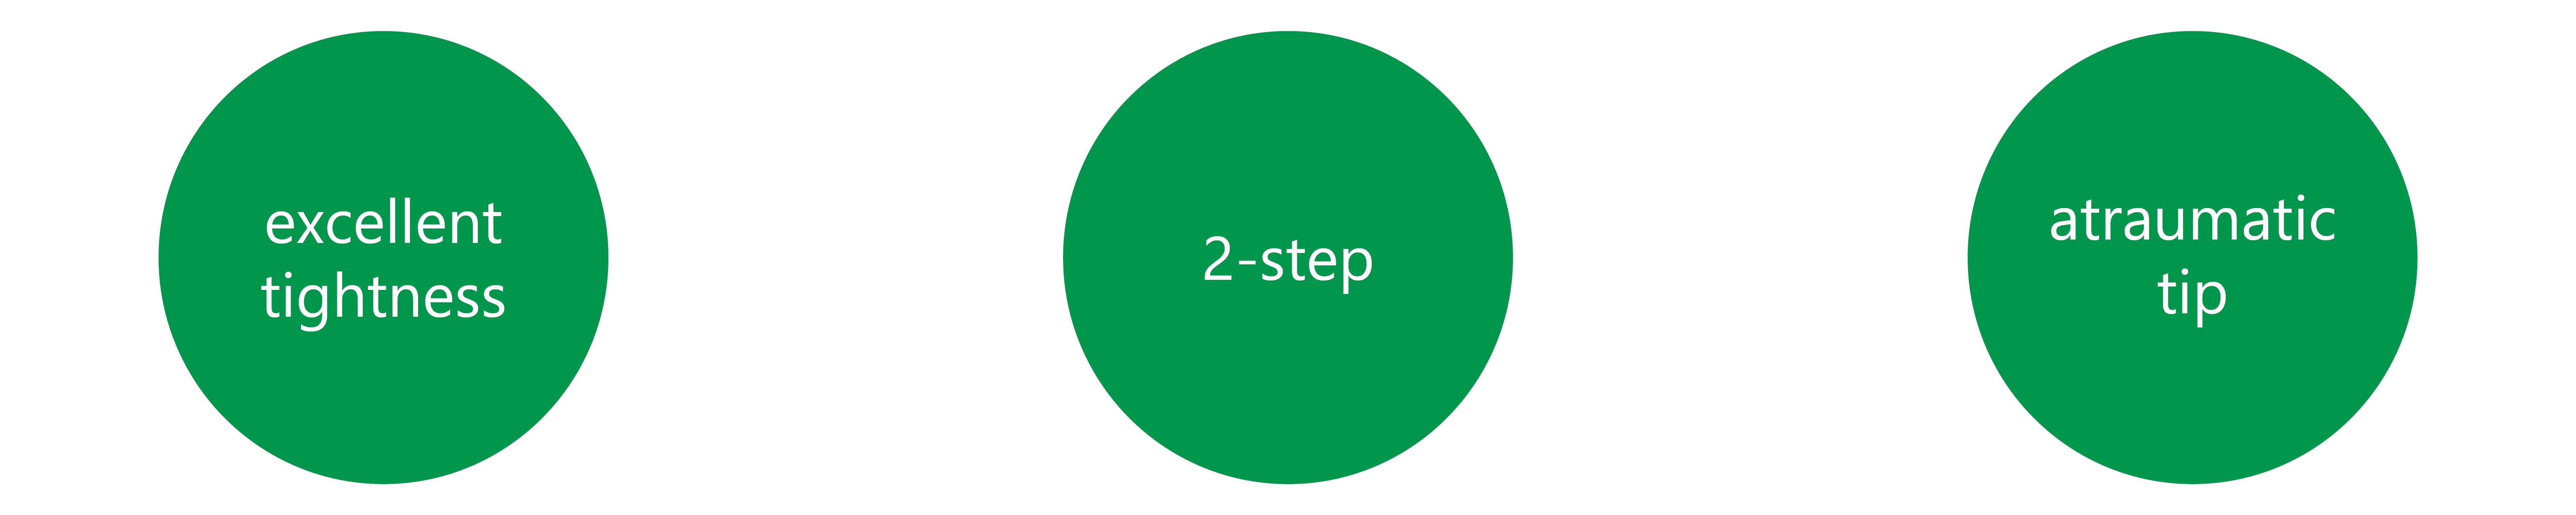 Vitrectomy trocar 2-step advantages